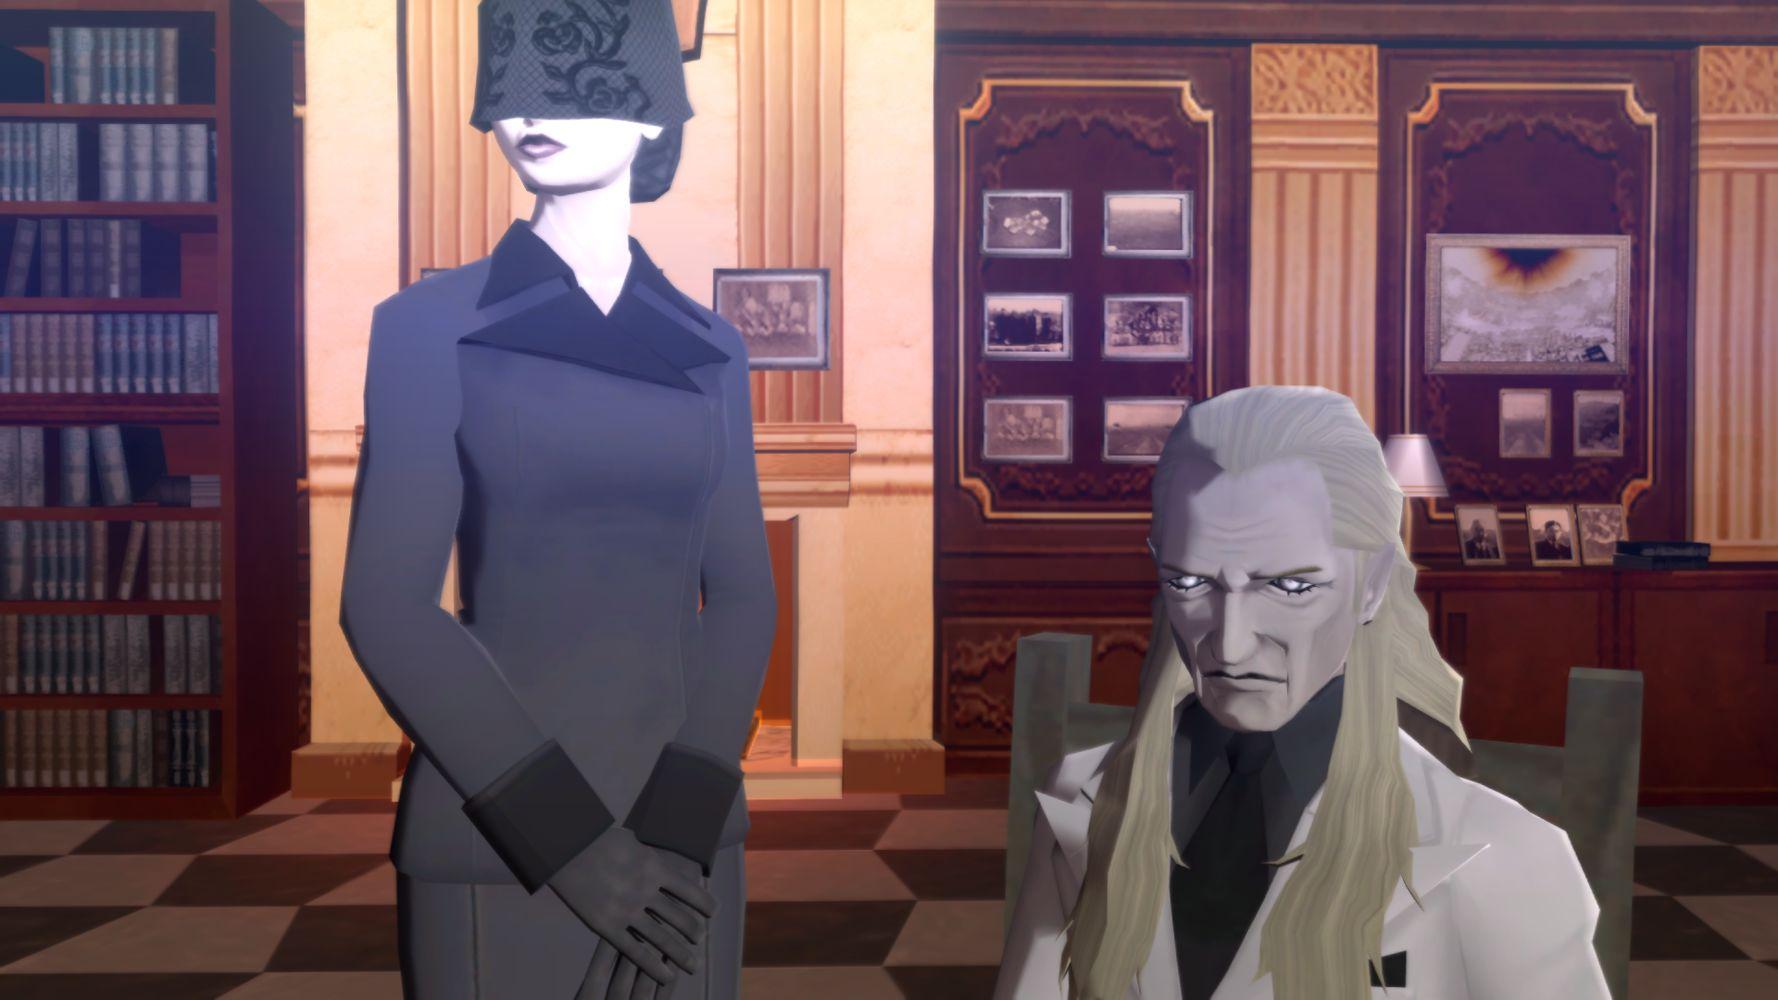 La misteriosa coppia che comparirà diverse volte durante il cammino di Semi-Demone